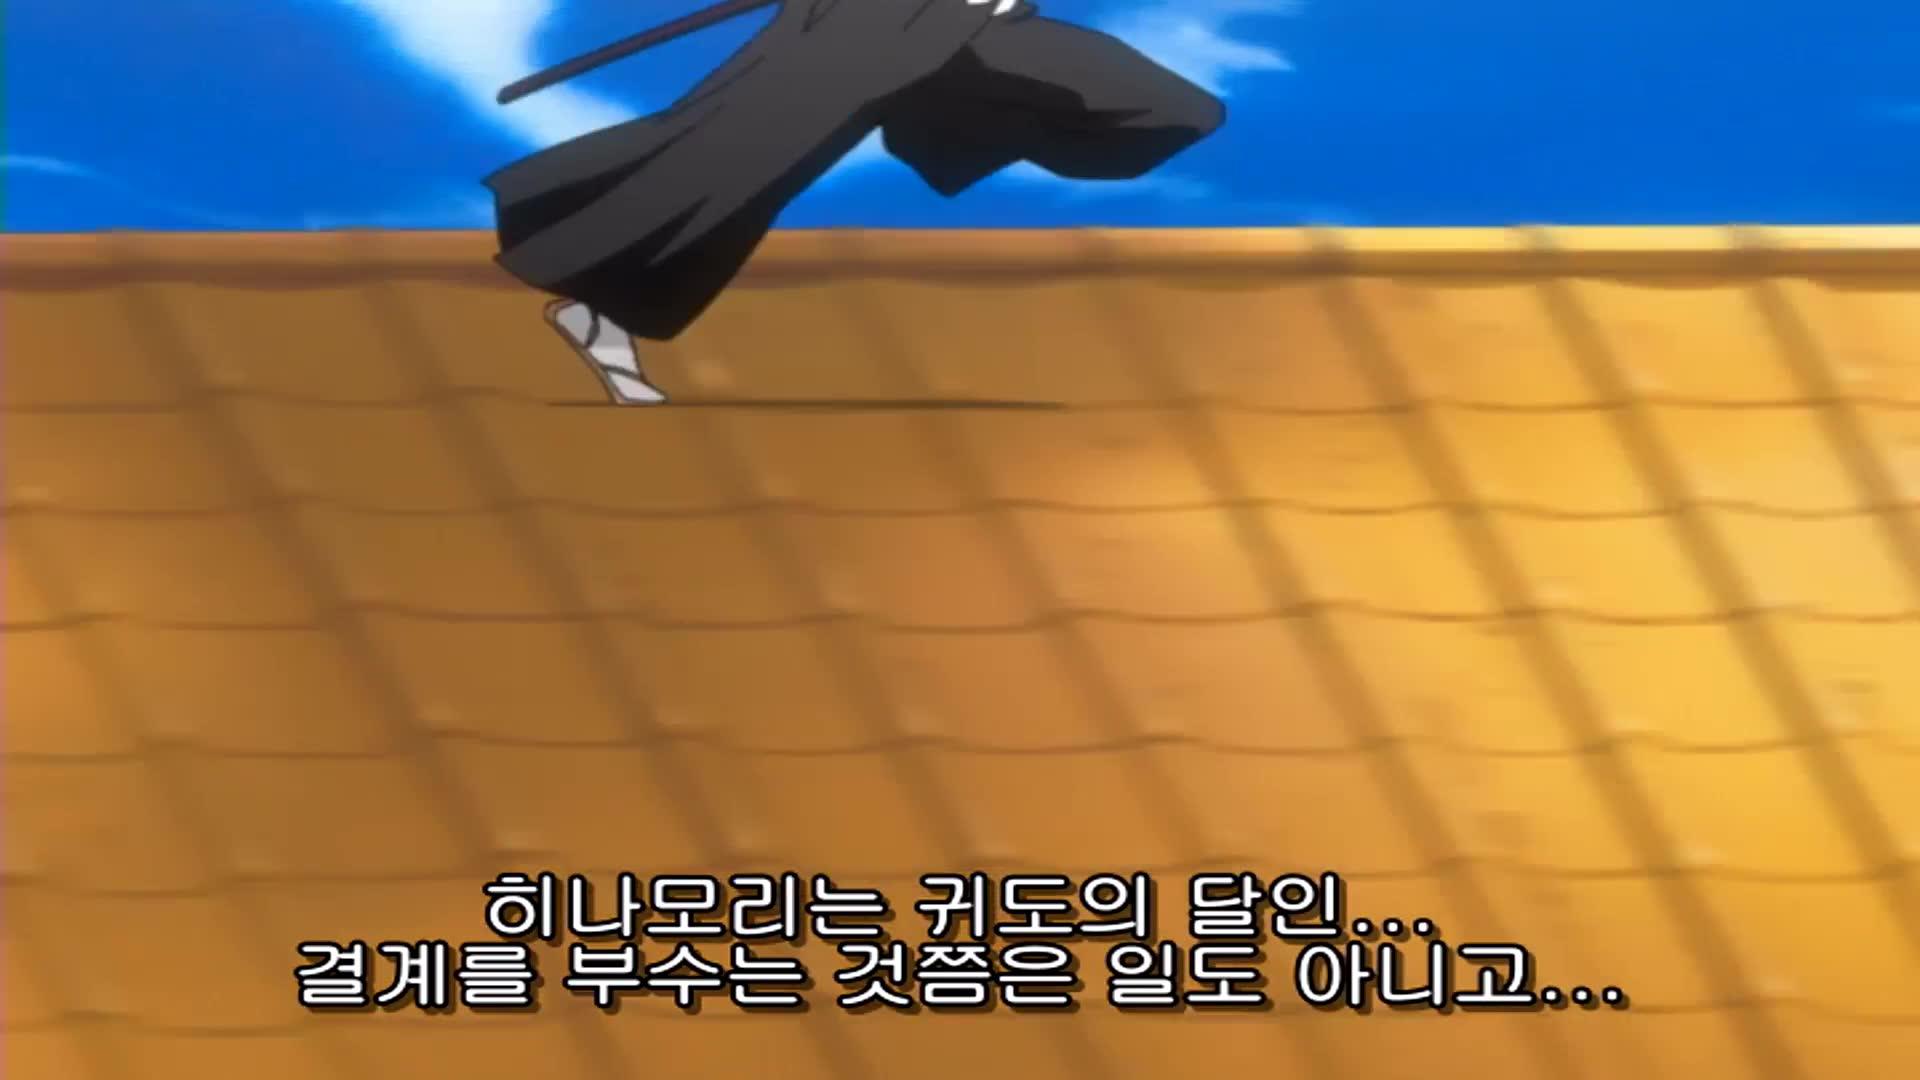 19화 절망의 진실, 휘둘러진 흉도